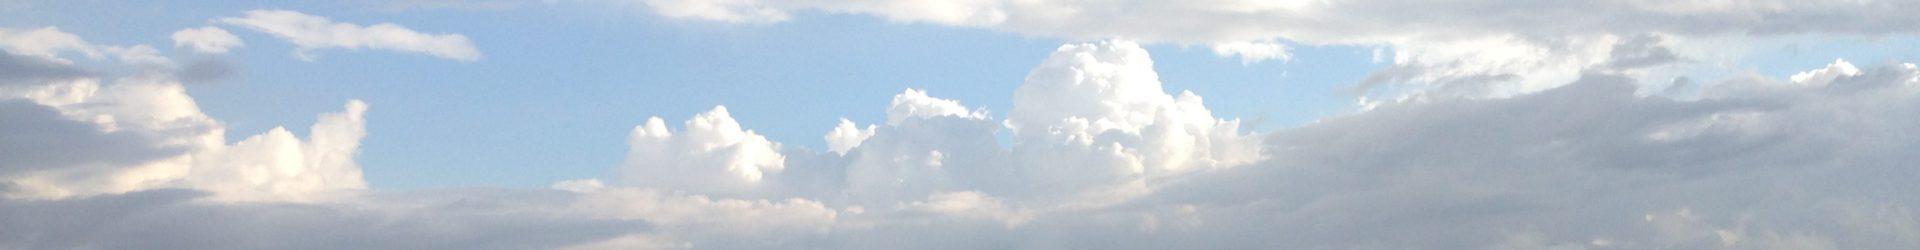 Продажа облачных приложений